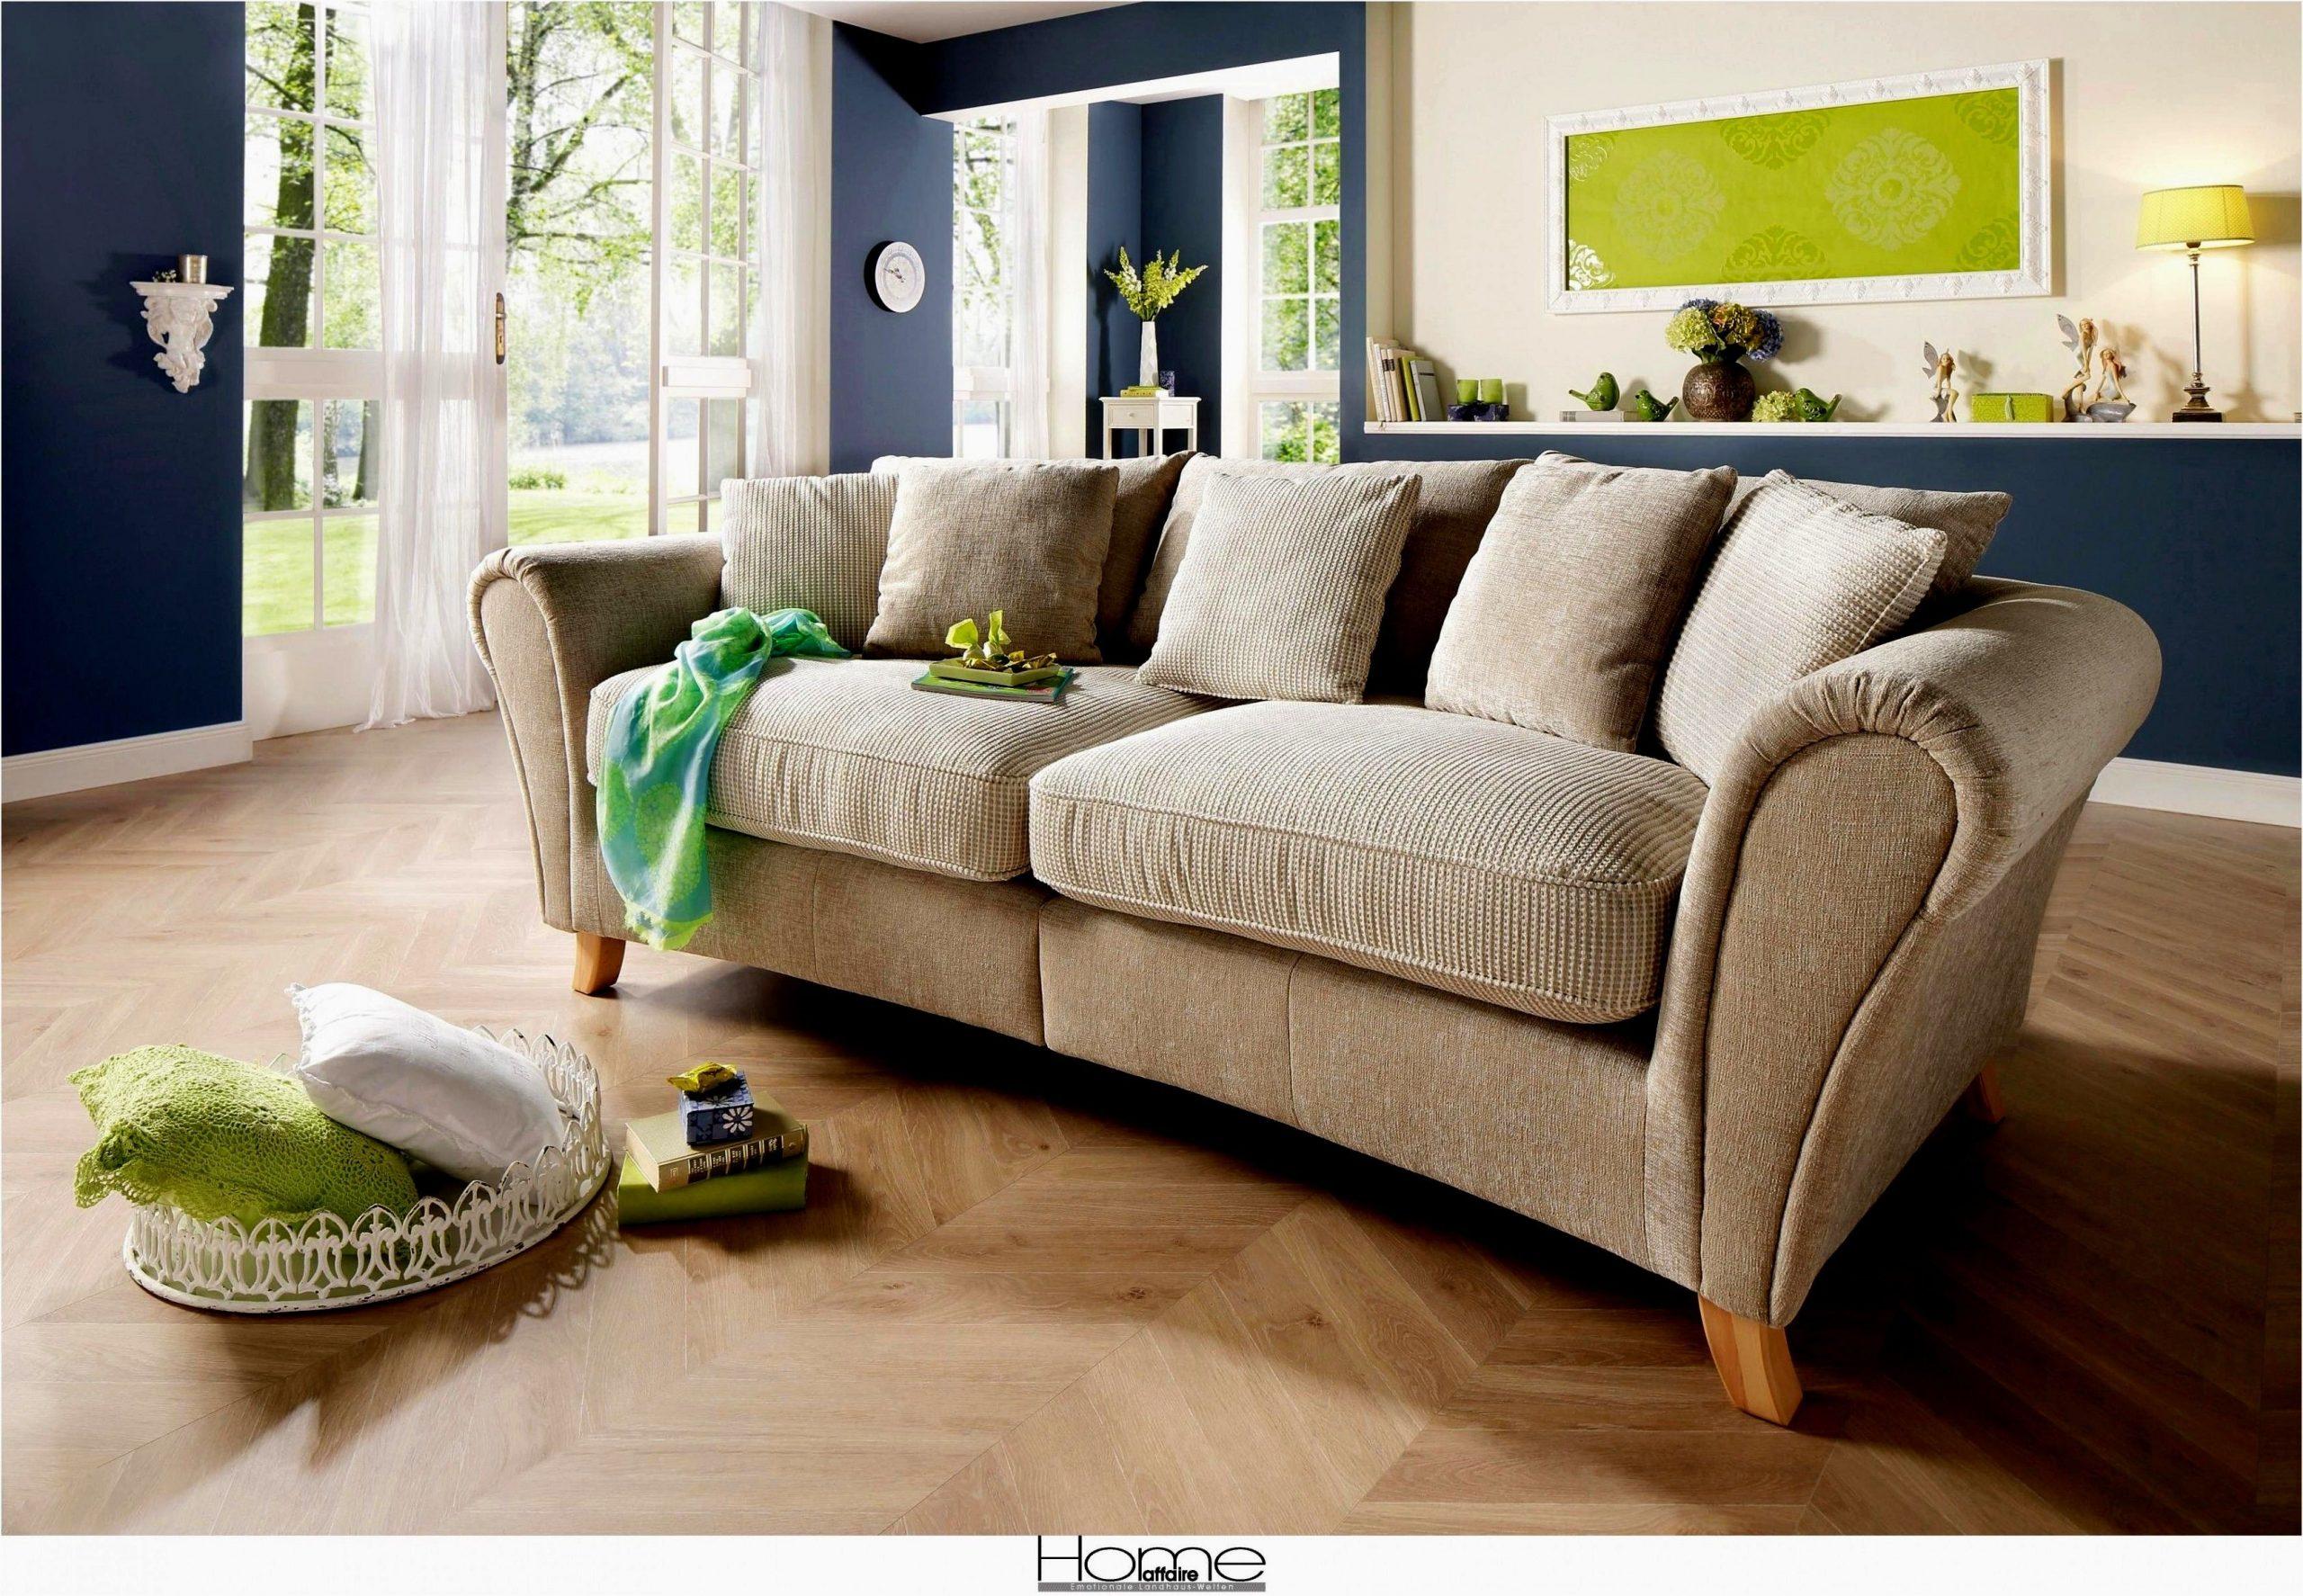 Full Size of Landhaus Sofa Ikea Inspirierend Mondo 2 Sitzer Mit Schlaffunktion Bezug Wk Federkern Relaxfunktion Xxl U Form Schlafzimmer Landhausstil Petrol Bett Dreisitzer Sofa Landhaus Sofa